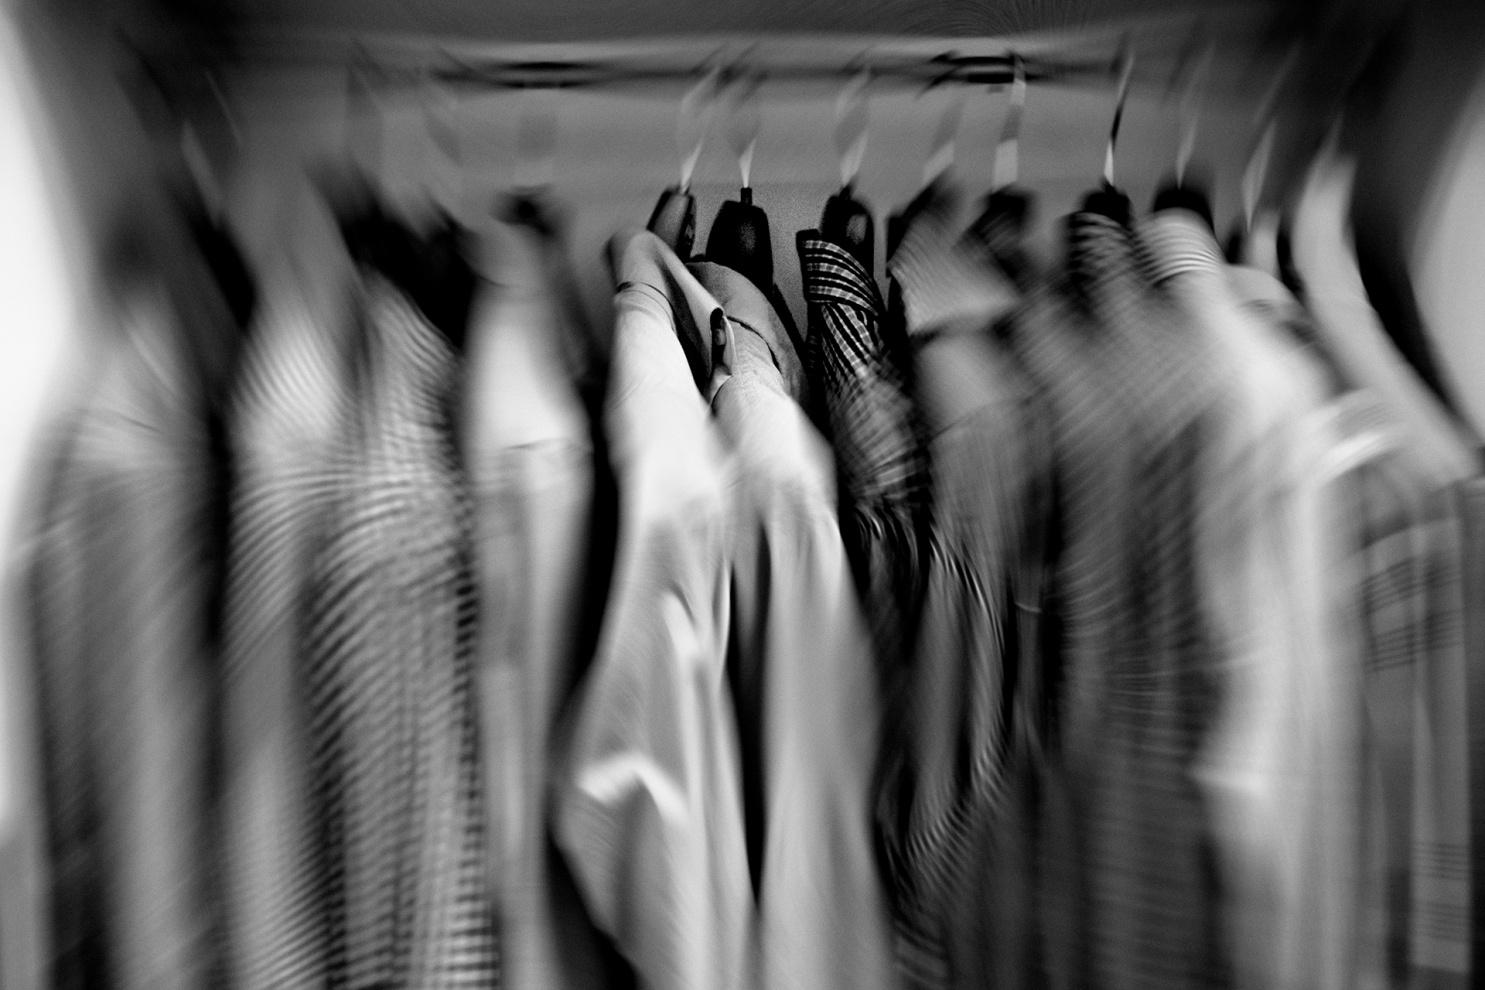 Scelta camicia, Trapani, 2017. © Salvatore Titoni.